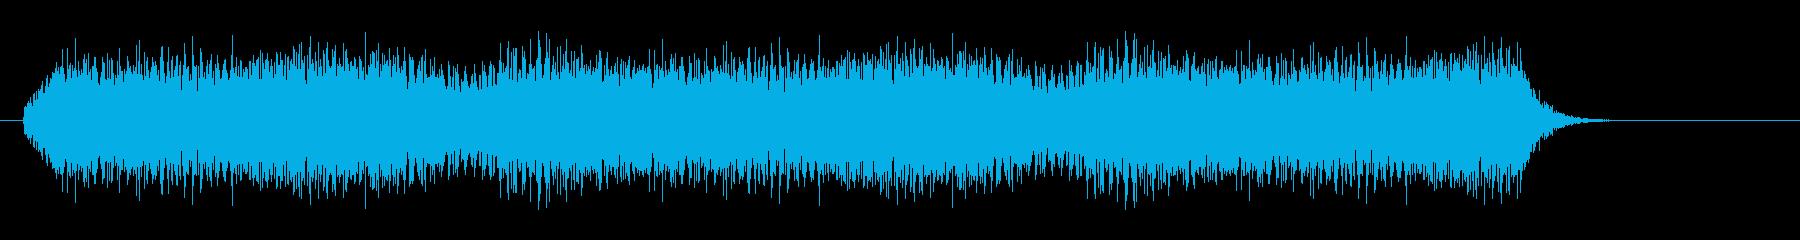 ヘリコプター飛行音【バリバリバリ】の再生済みの波形